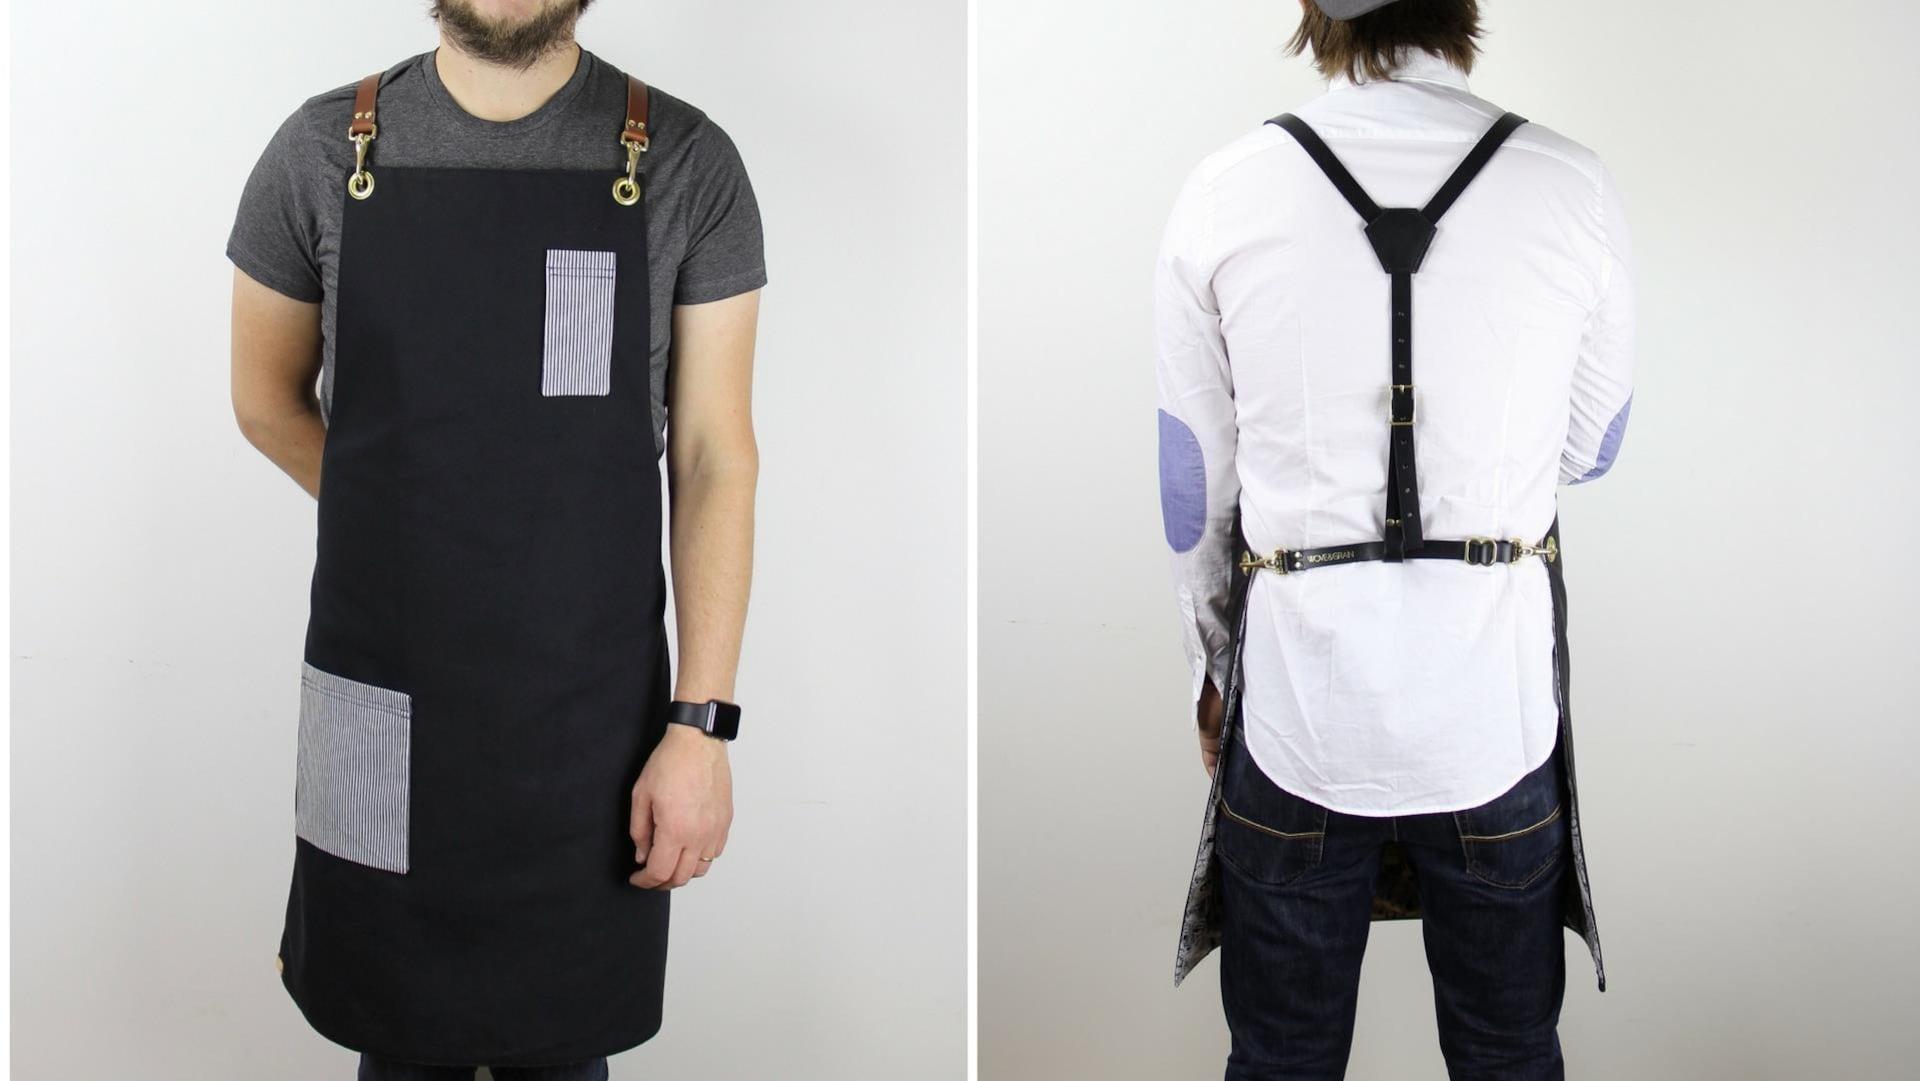 À gauche, un homme de face portant un tablier noir avec deux pochettes rayées blanc et noir.  À droite, un homme de dos portant un tablier, ce qui permet de voir les bretelles croisées.